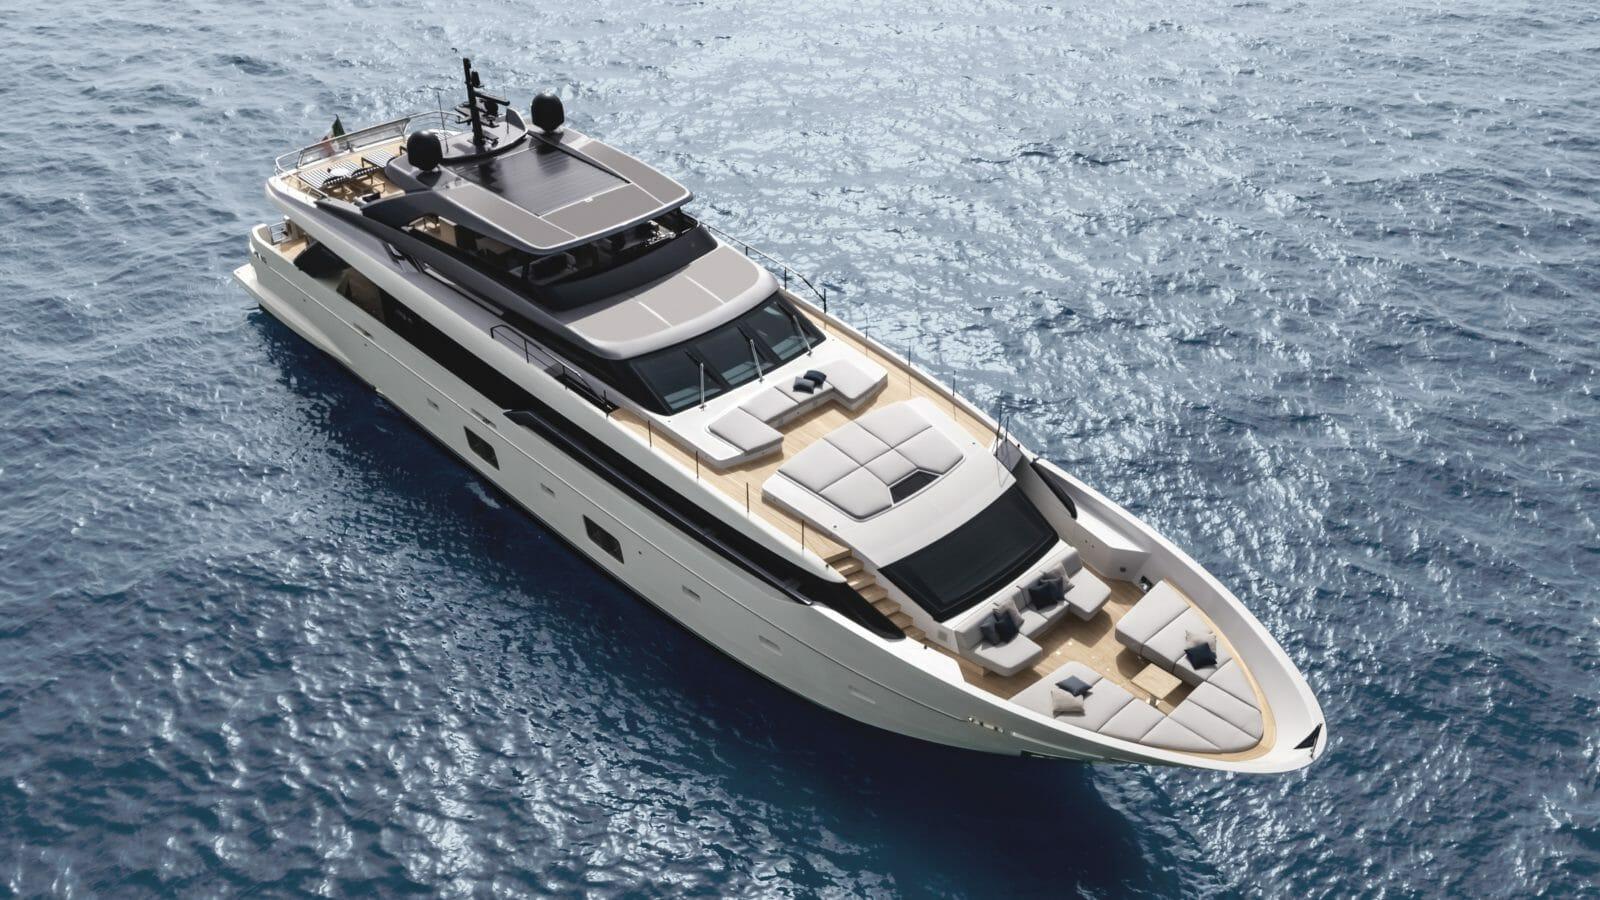 Set sail aboard Sanlorenzo's new asymmetrical yachts